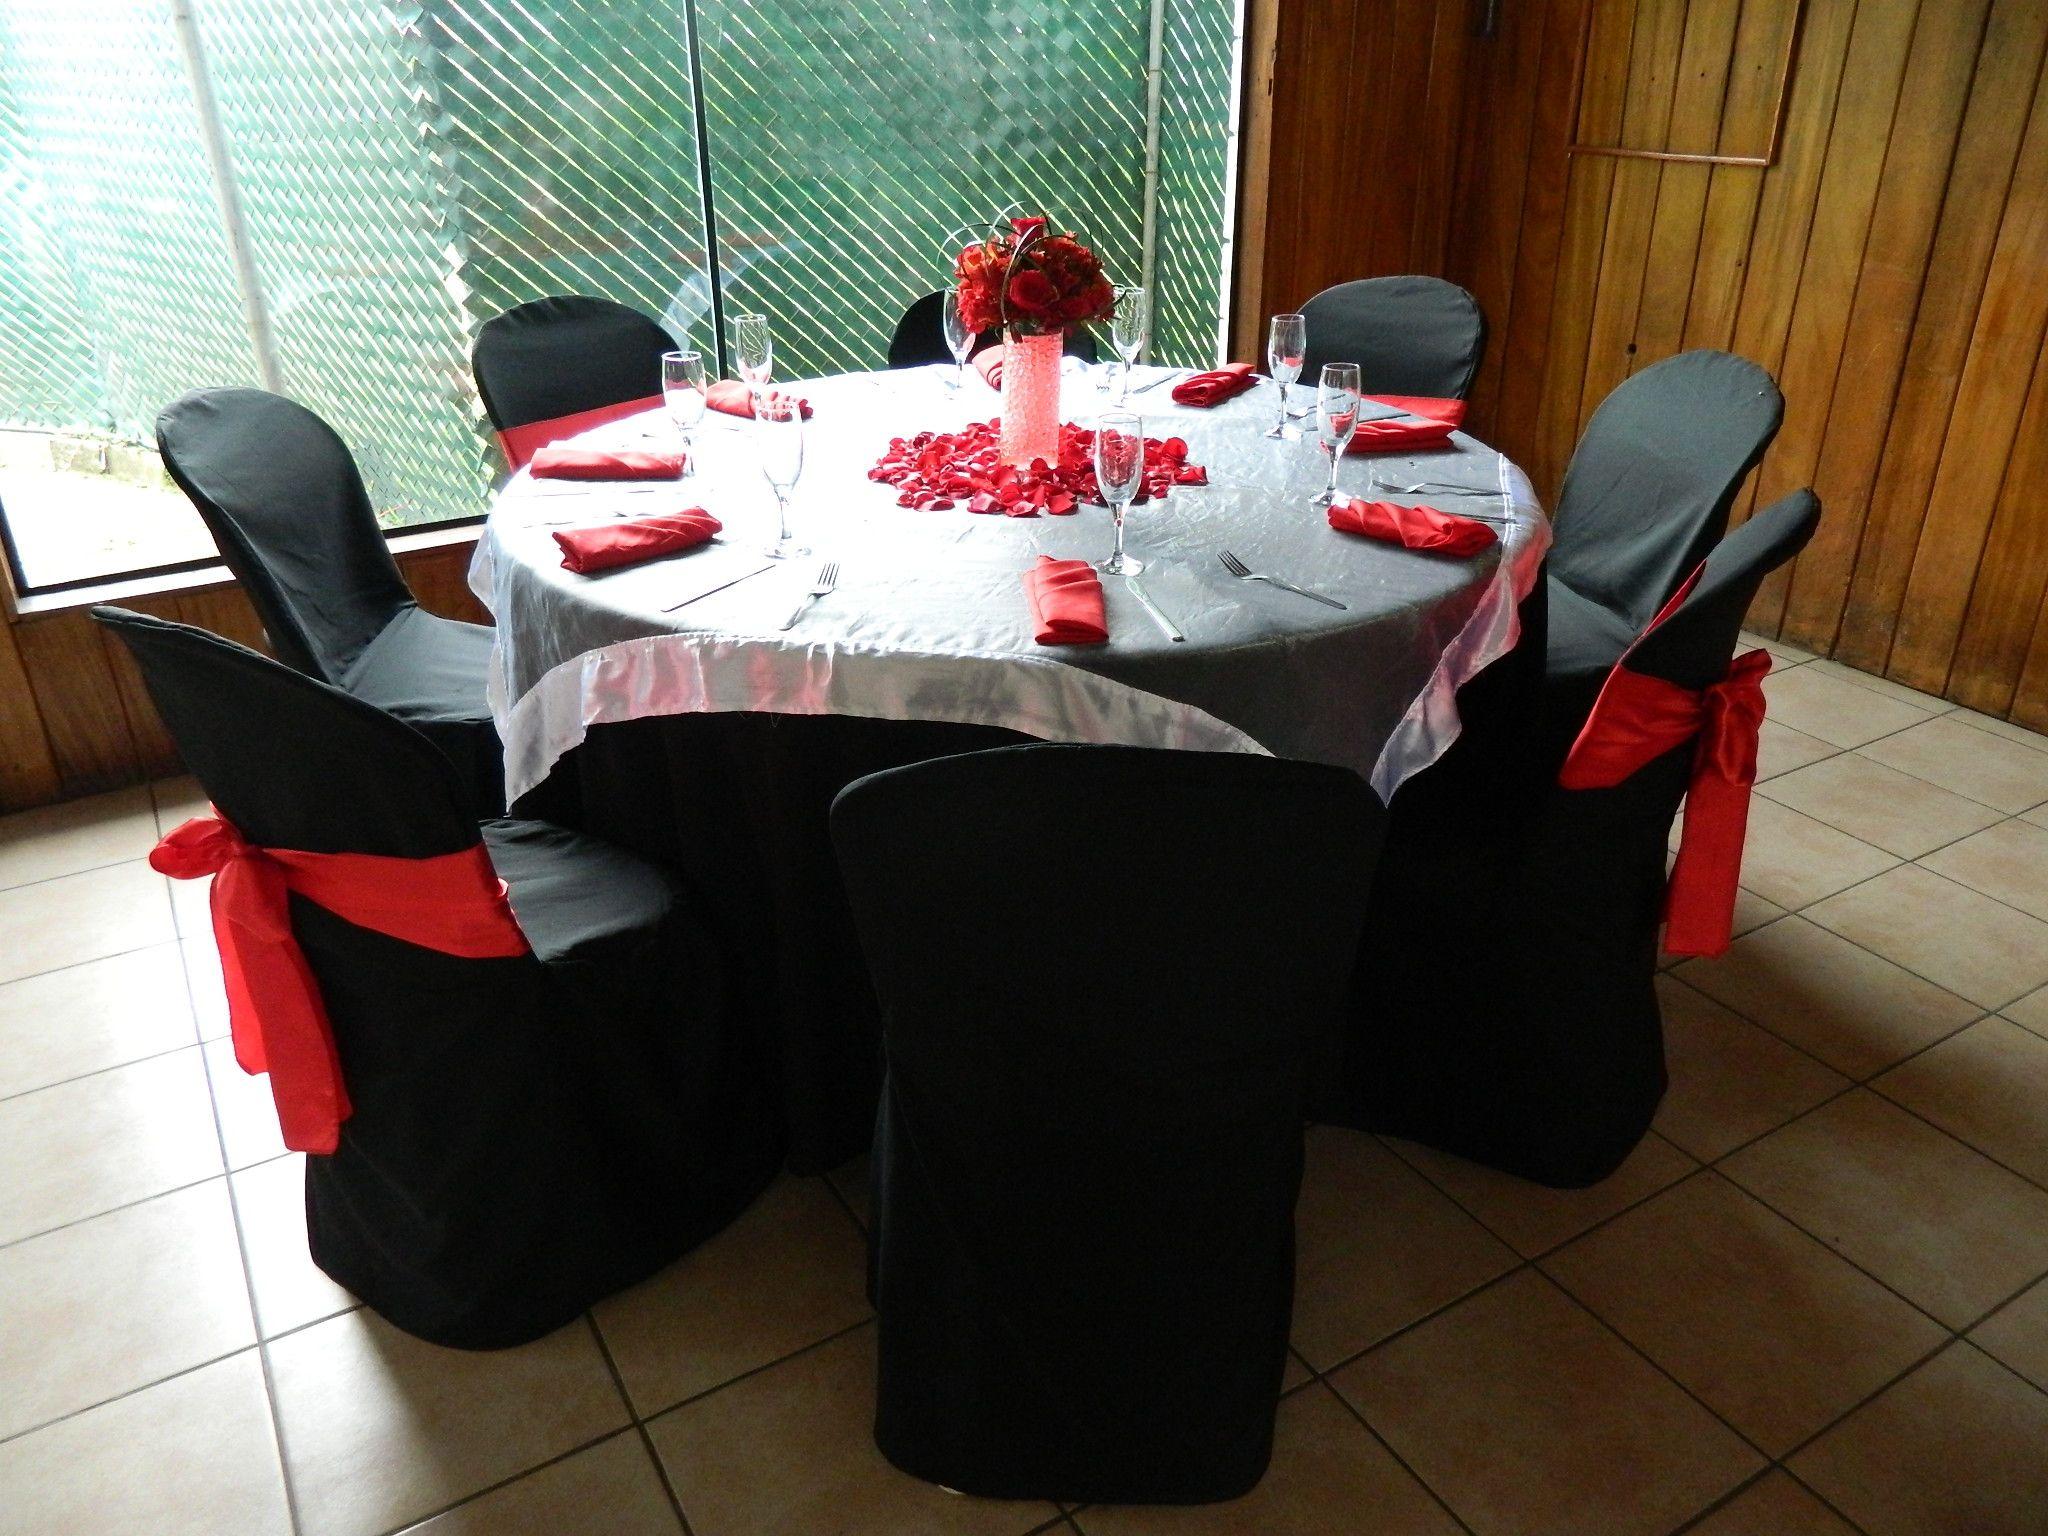 montaje con mantel negro cubre mantel plateado combinado con rojos lo que le da